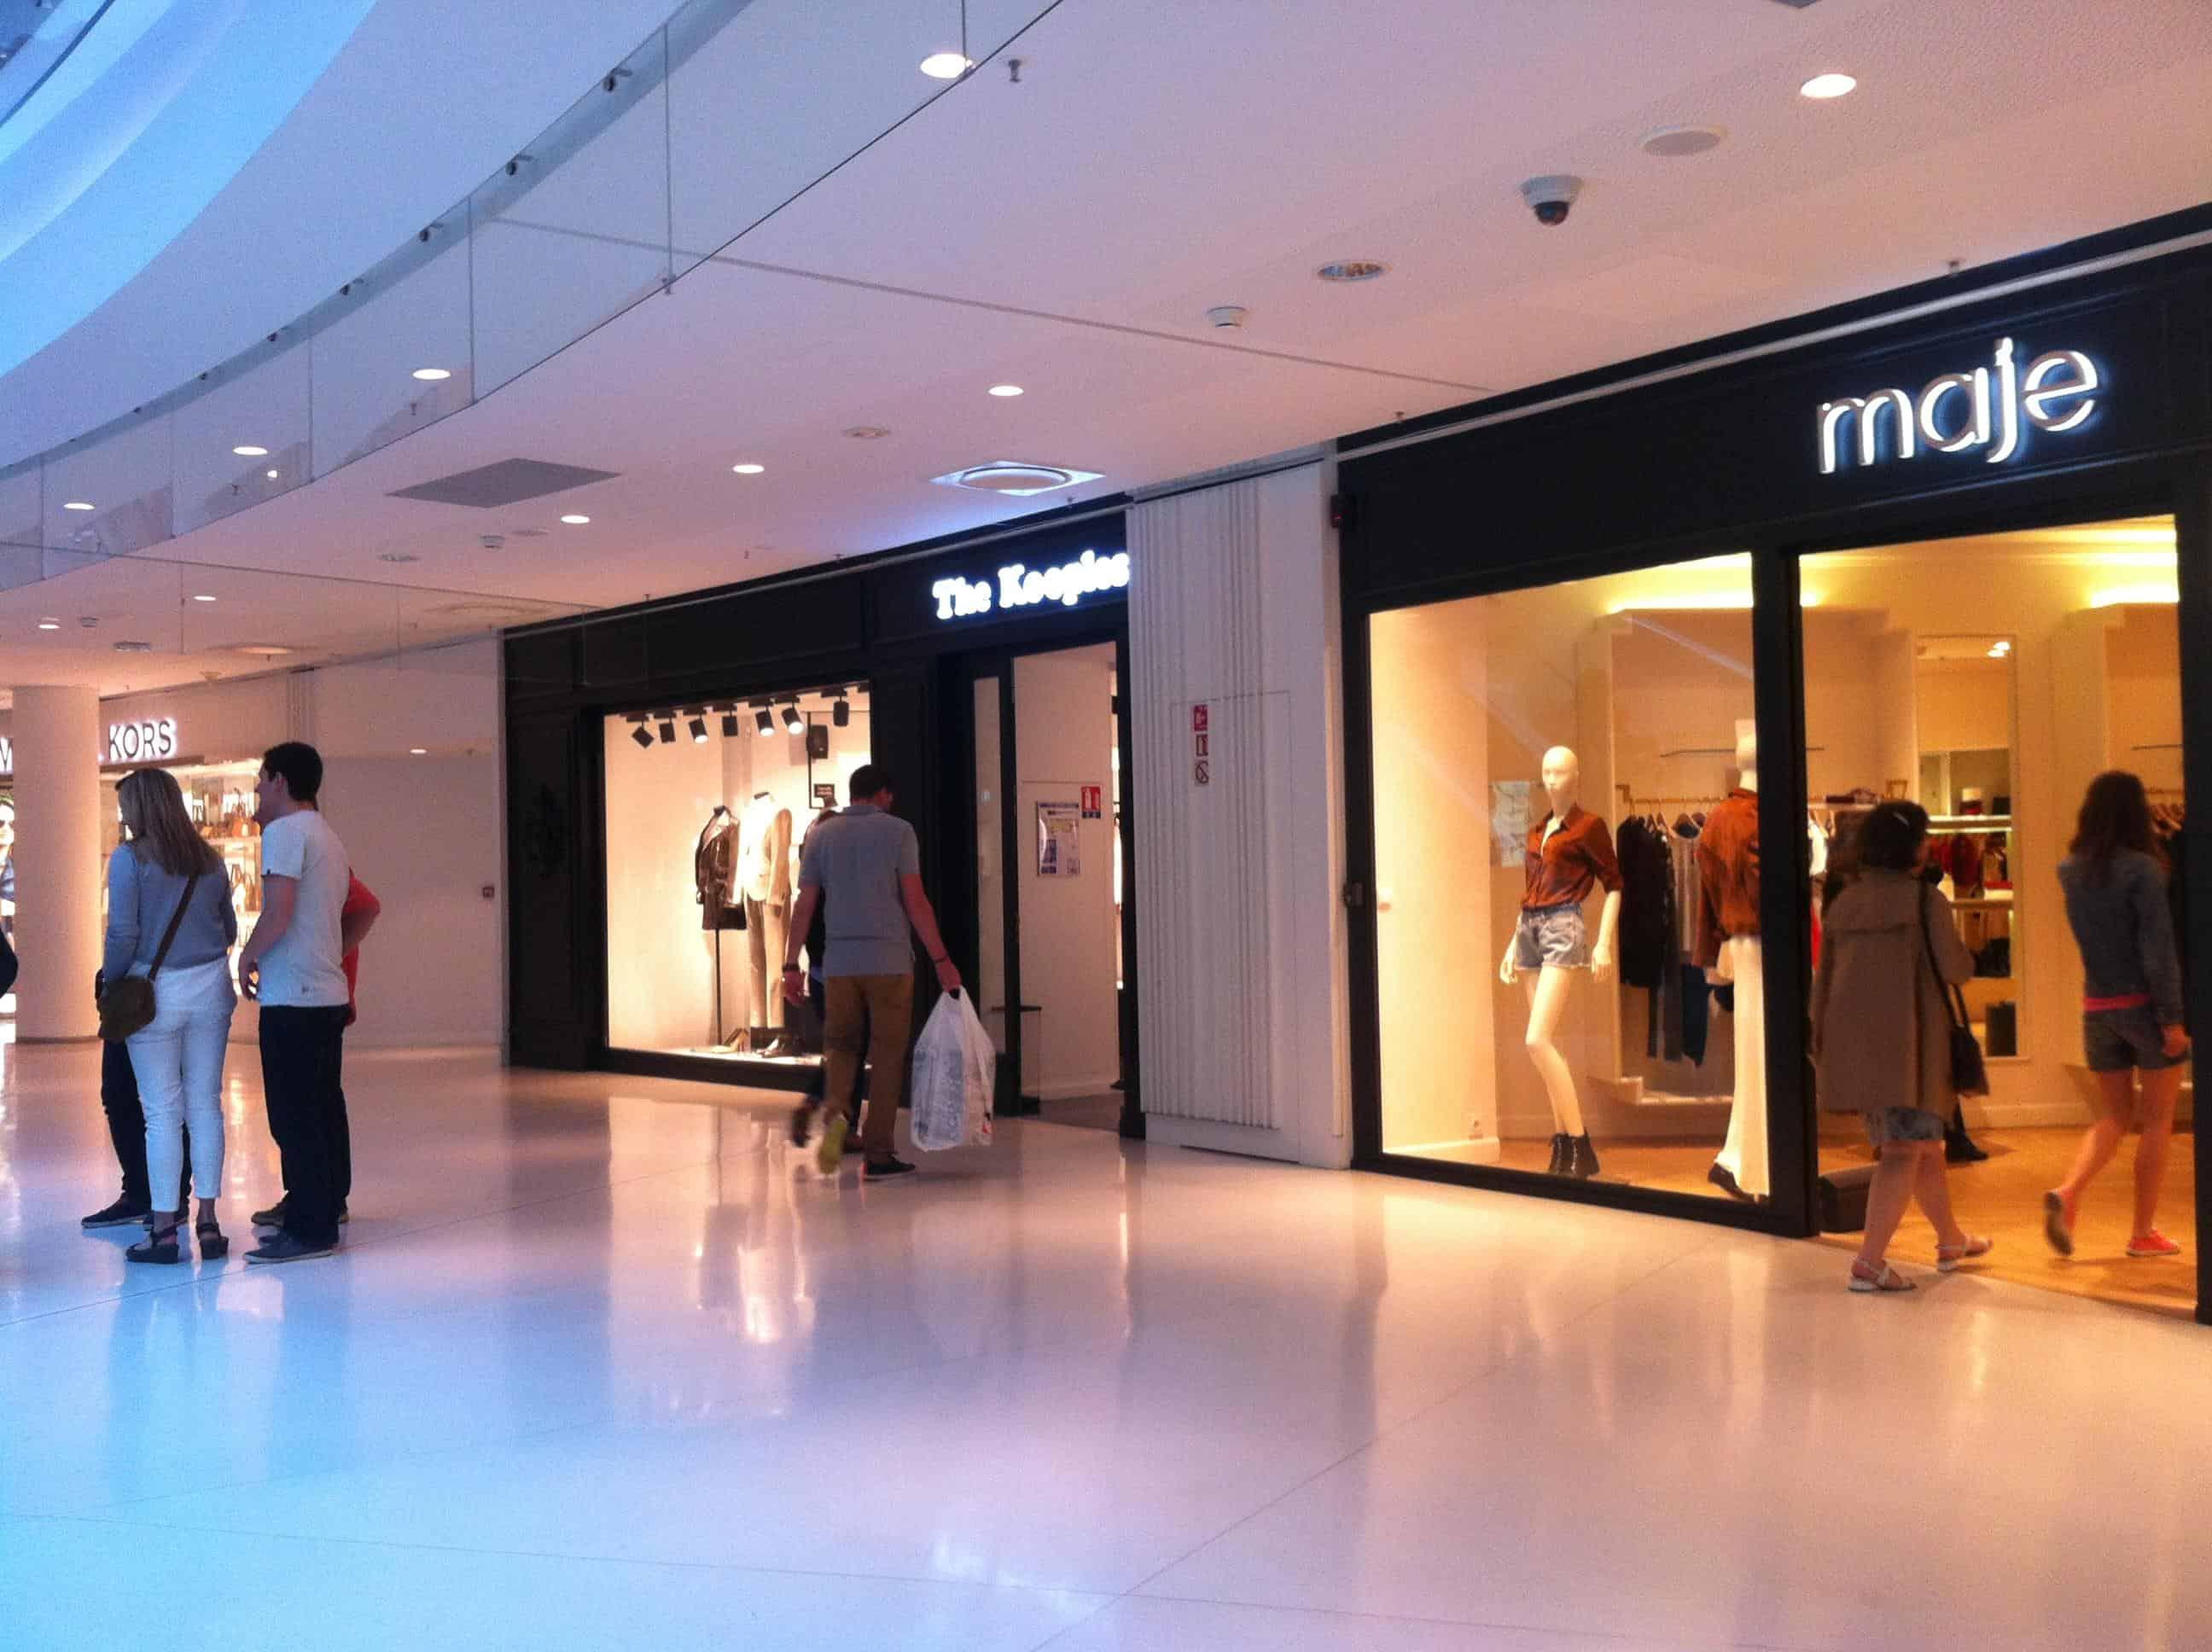 shopping malls in paris beaugrenelle les halles la d fense still in paris. Black Bedroom Furniture Sets. Home Design Ideas